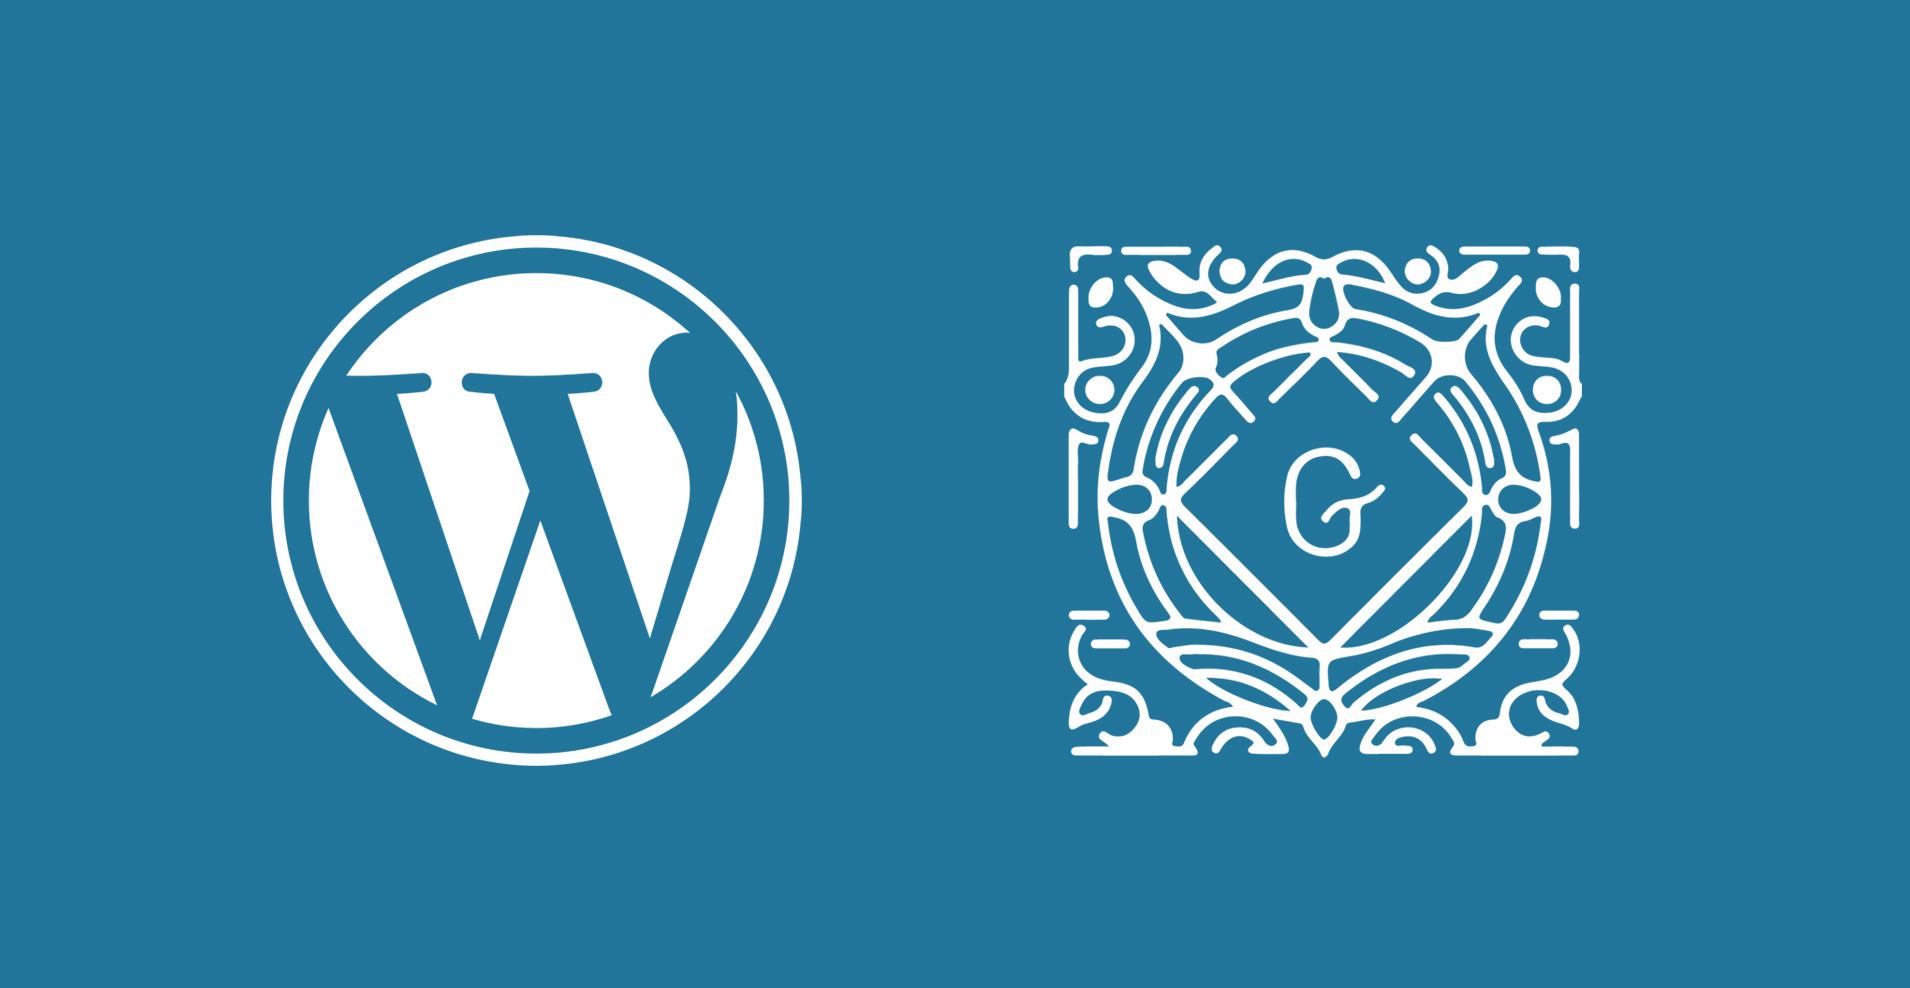 WordPress and Gutenberg logos